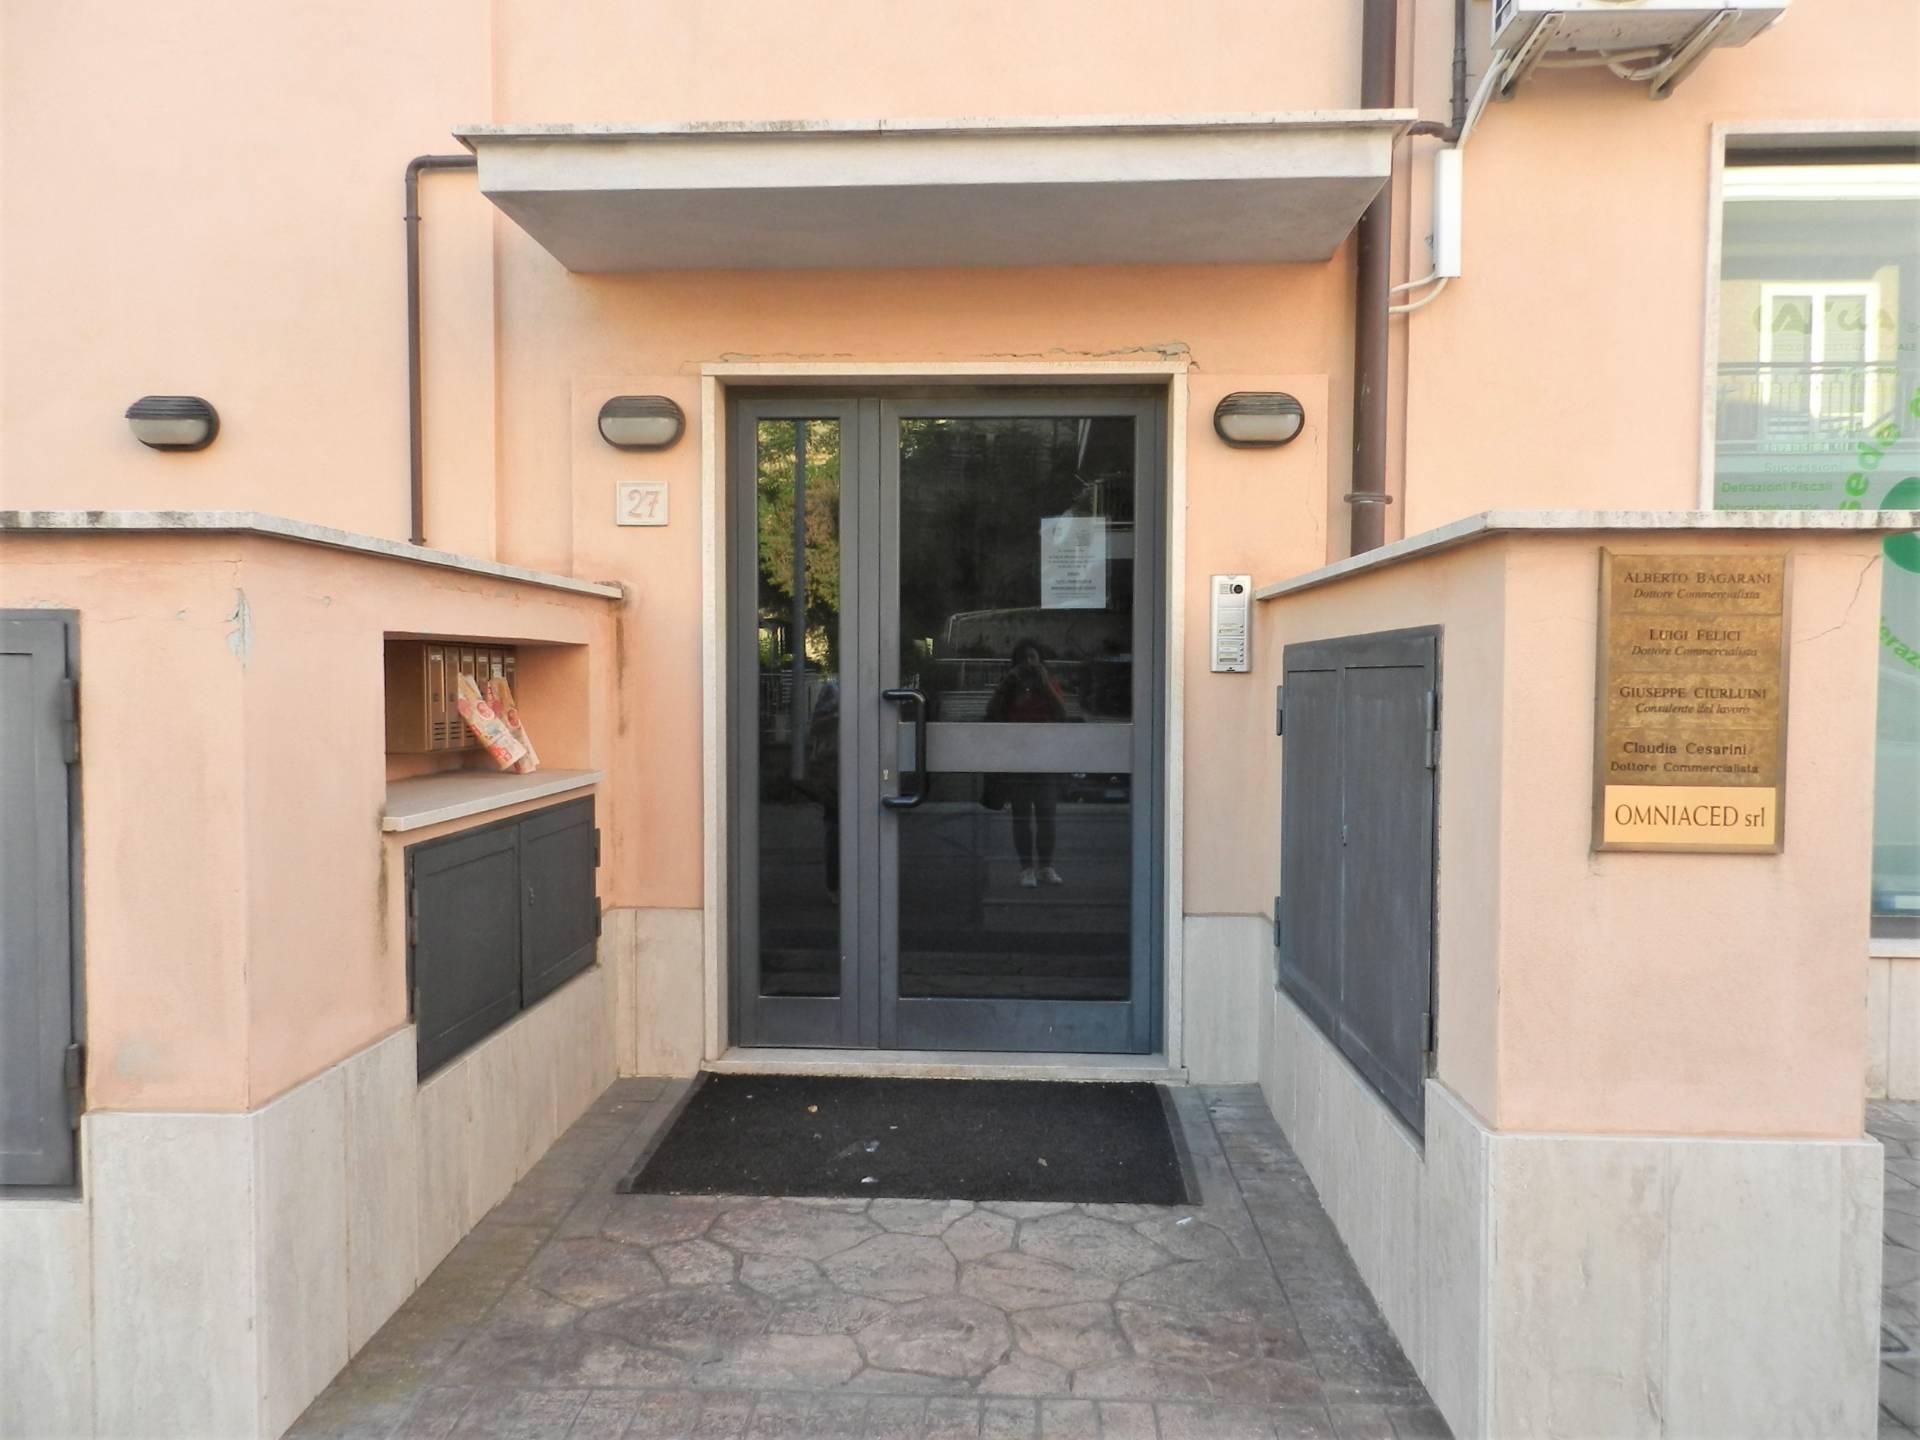 Appartamento in affitto a Tarquinia, 3 locali, zona Località: Ospedale, prezzo € 750 | PortaleAgenzieImmobiliari.it